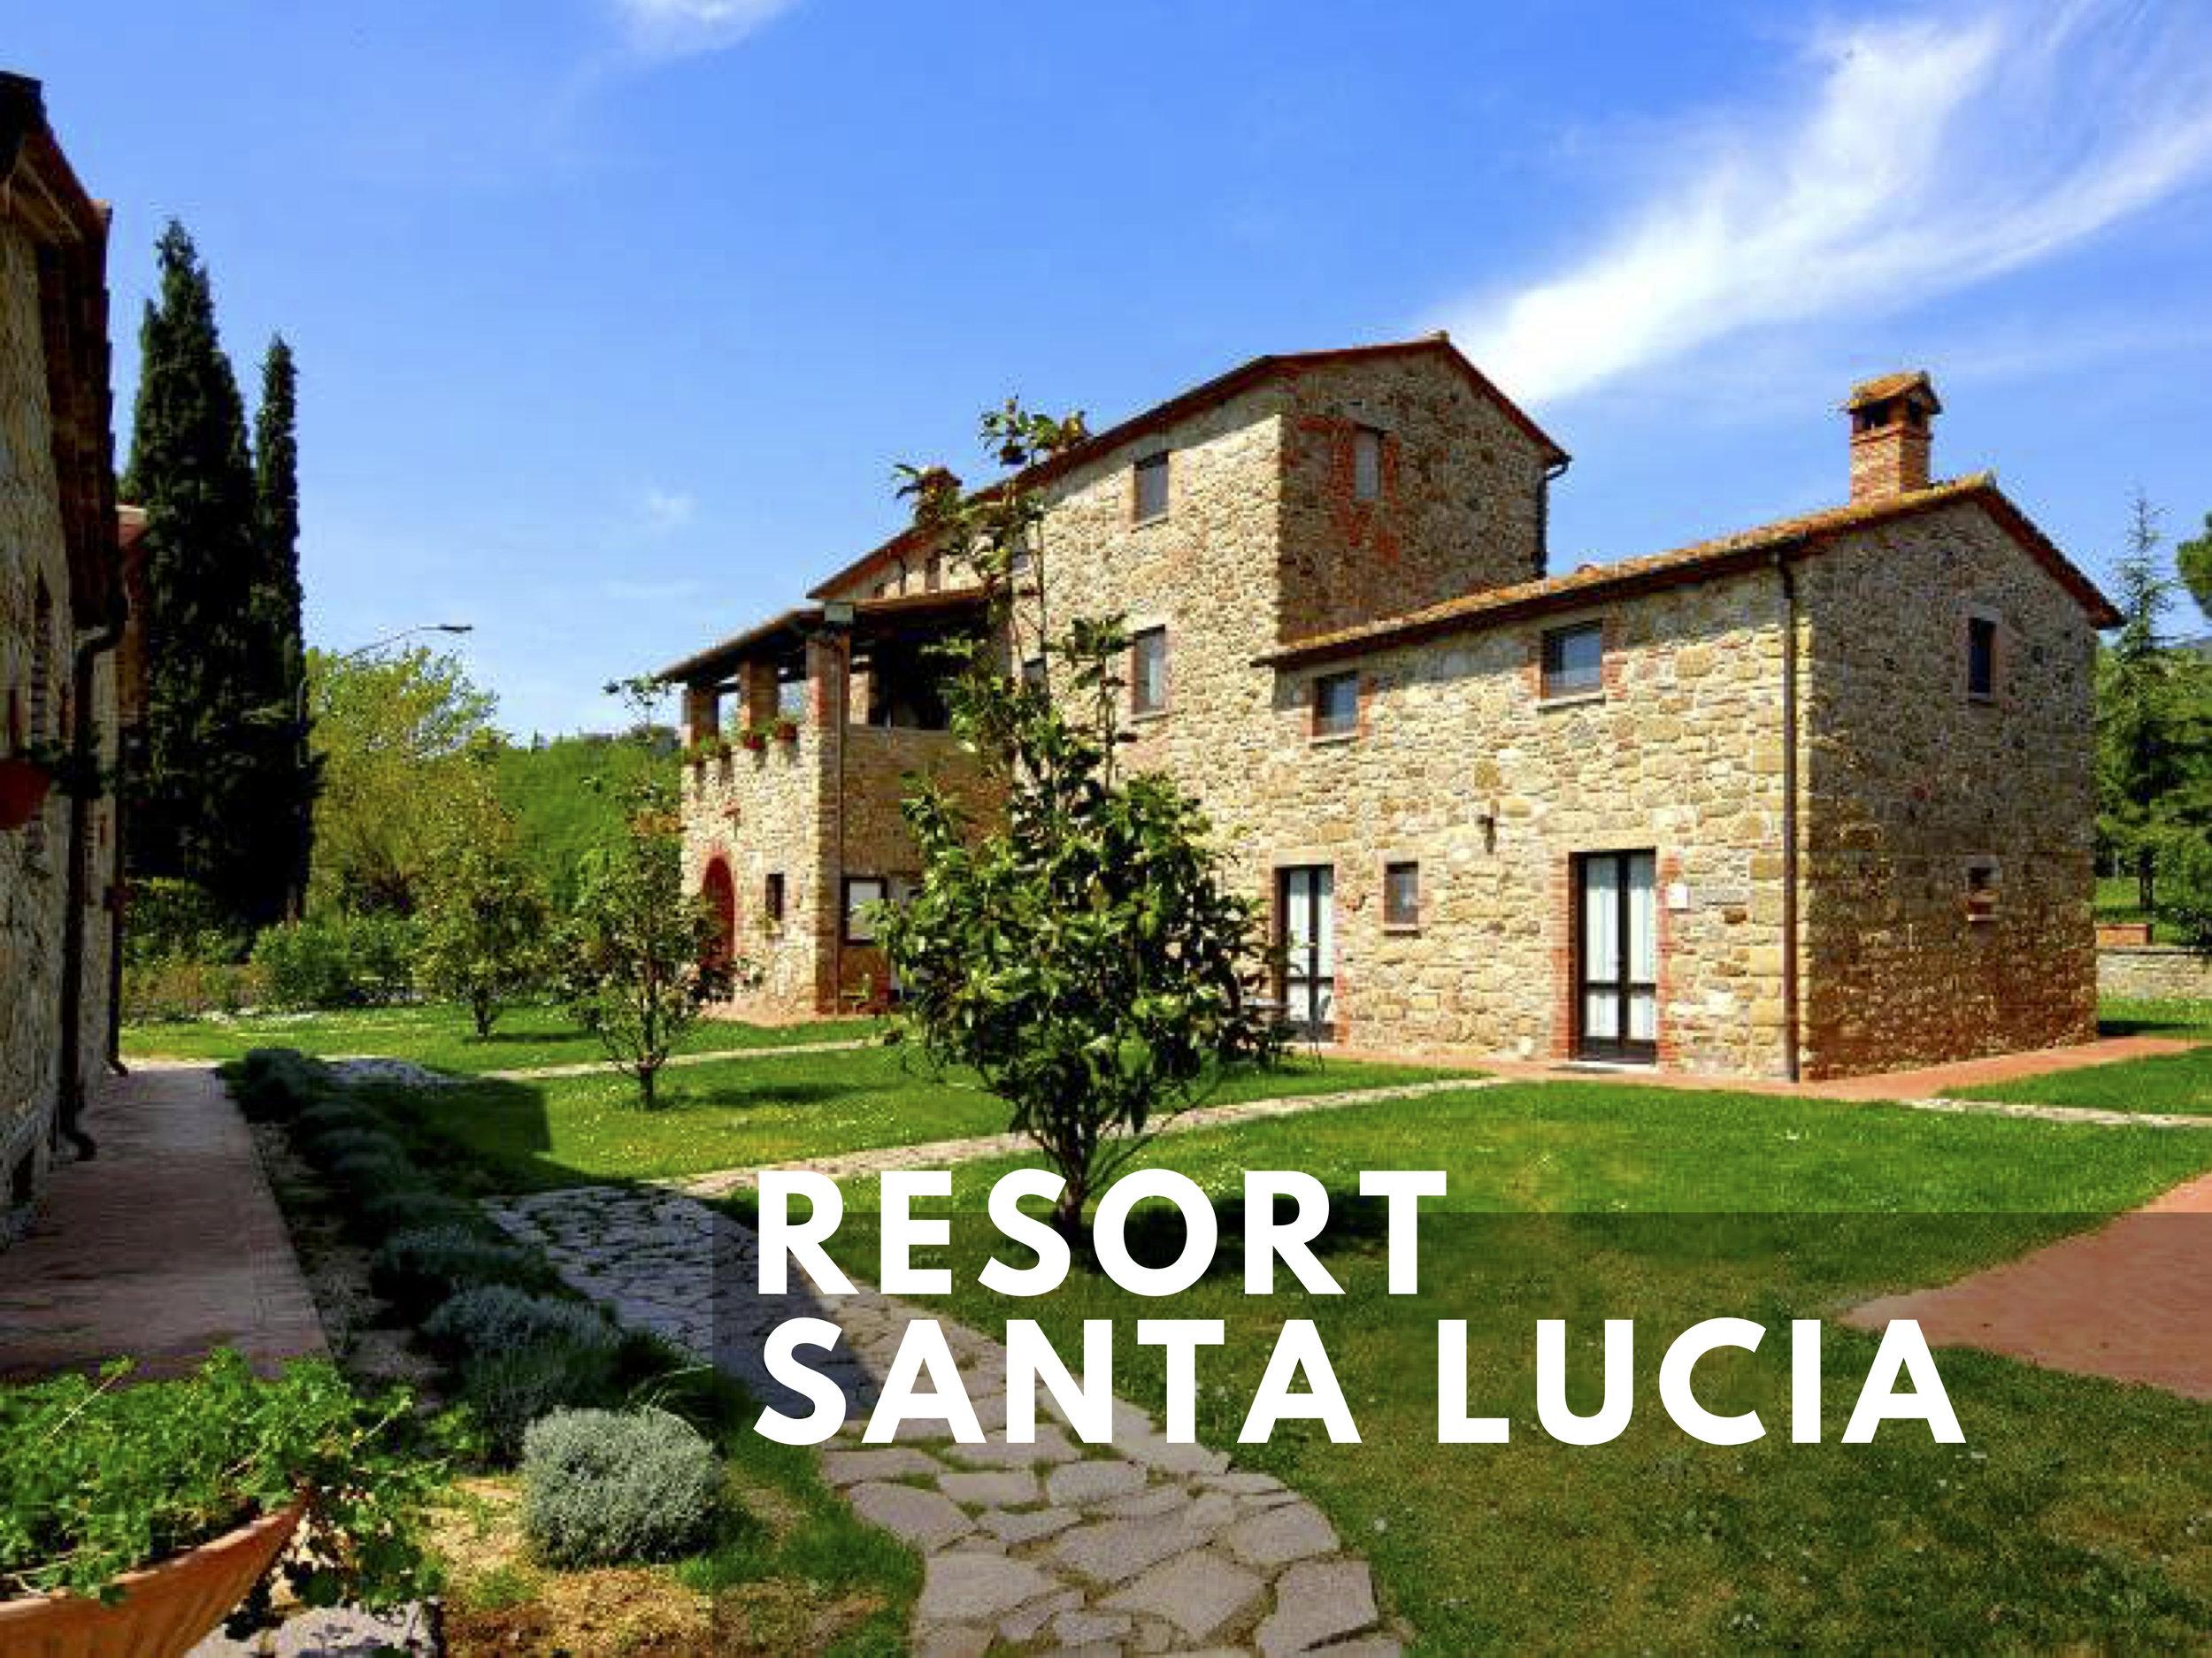 Resort Santa Lucia.jpg